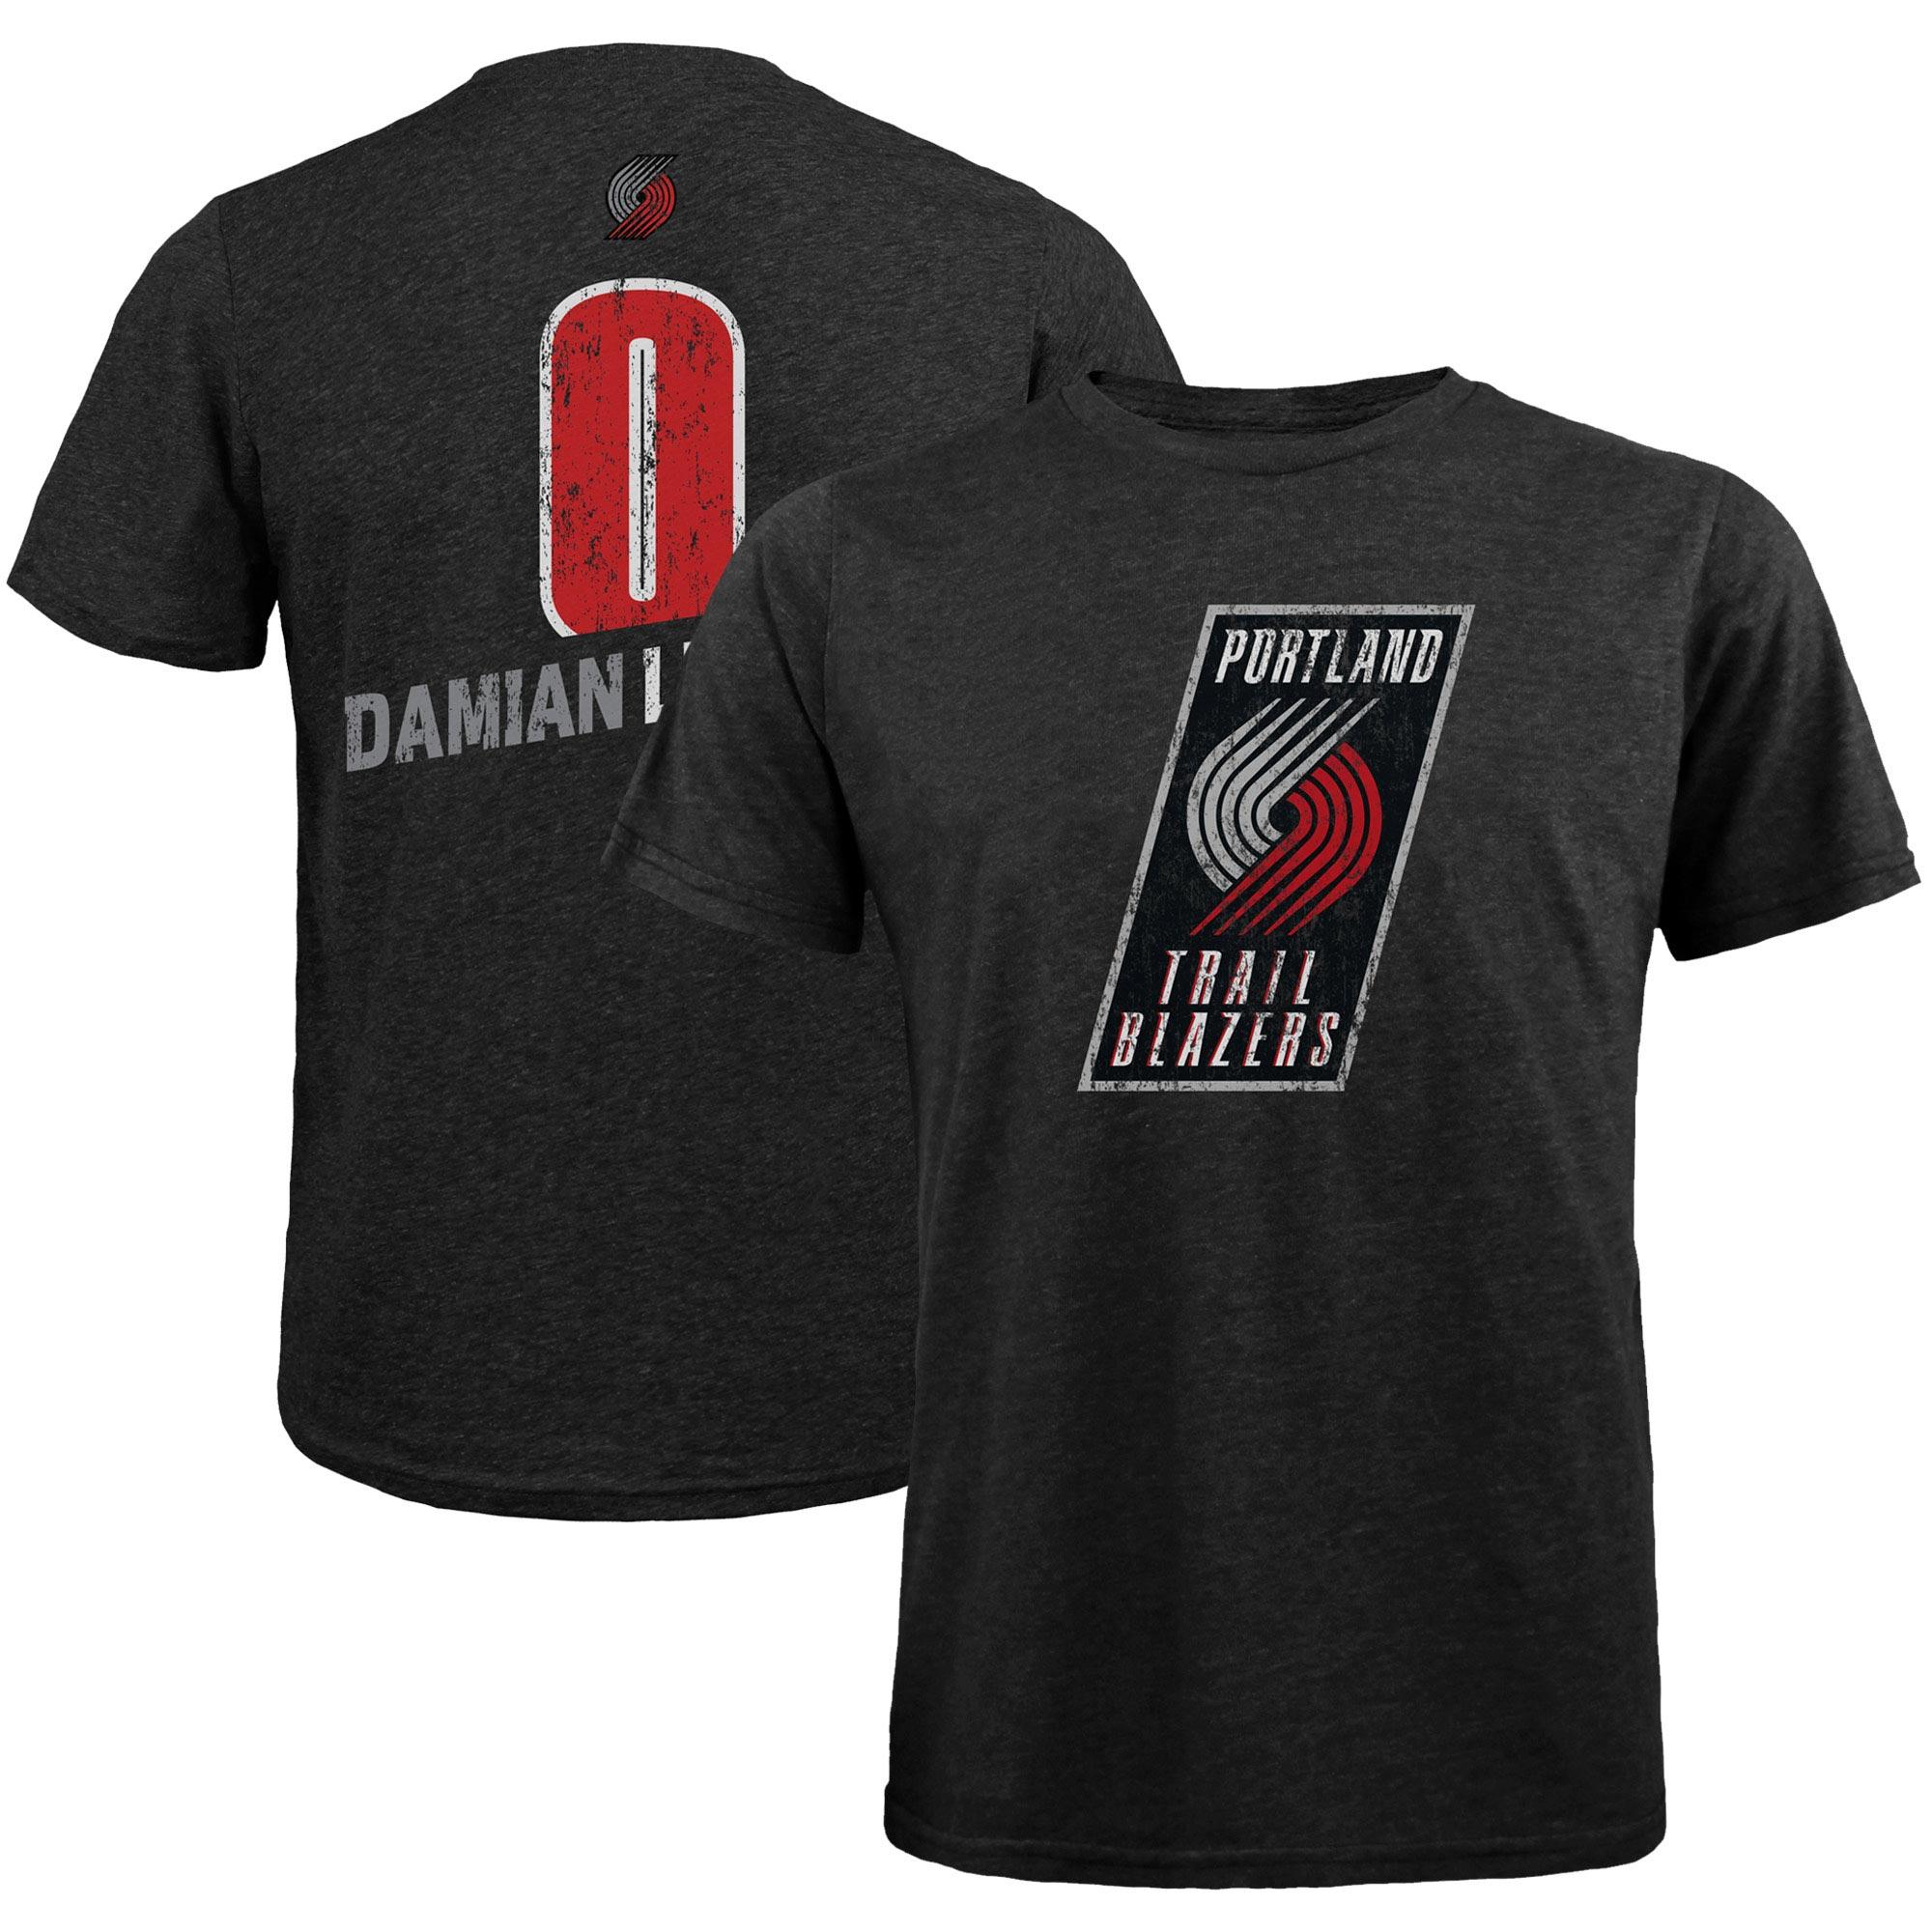 Damian Lillard Portland Trail Blazers Majestic Threads Name & Number Tri-Blend T-Shirt - Black